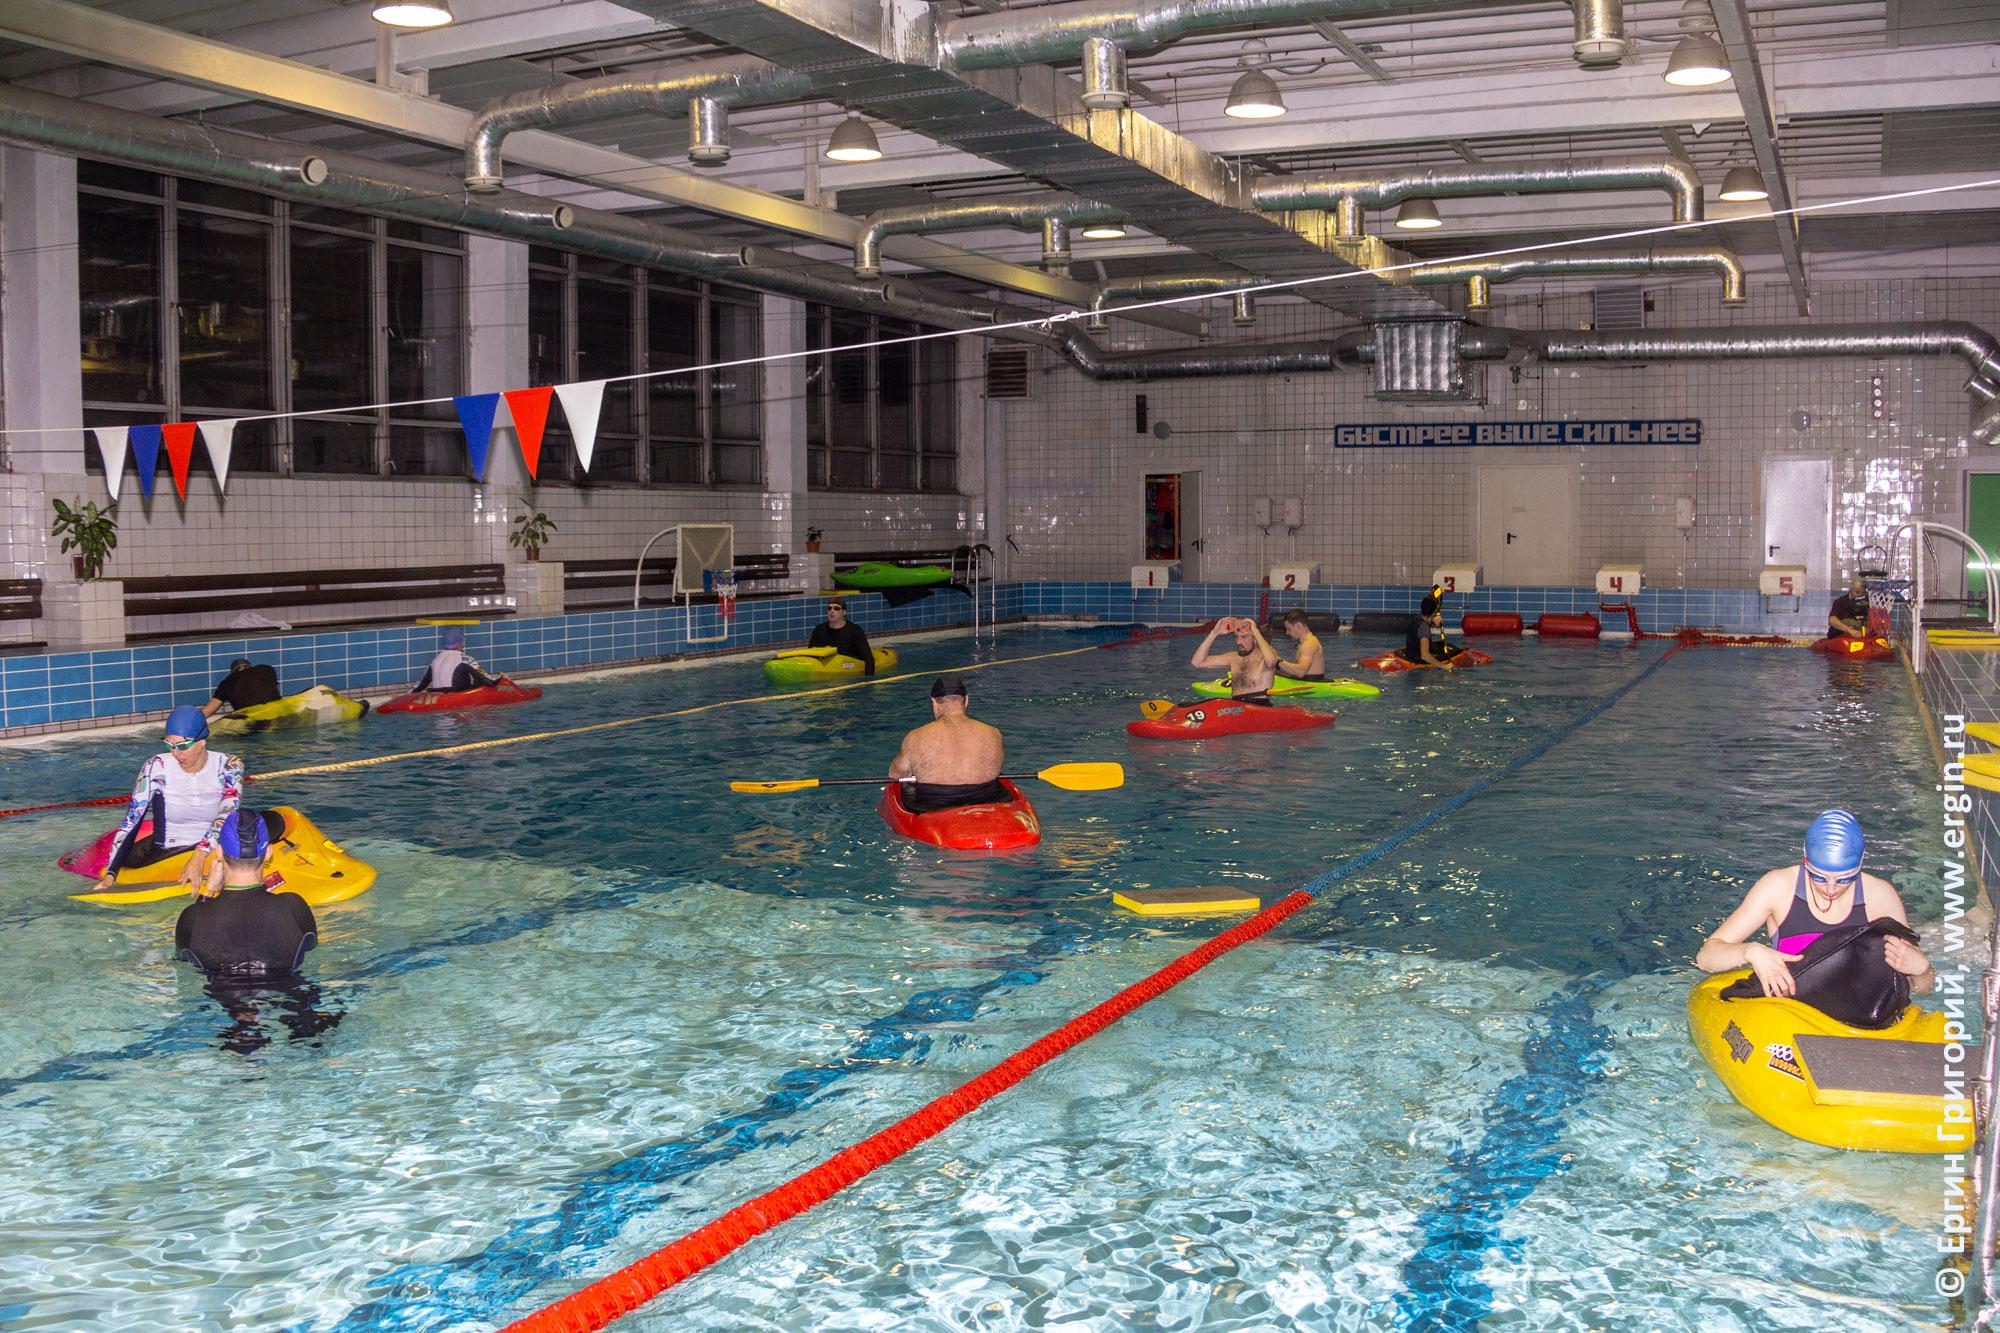 Каякинг в бассейне: начинающая группа